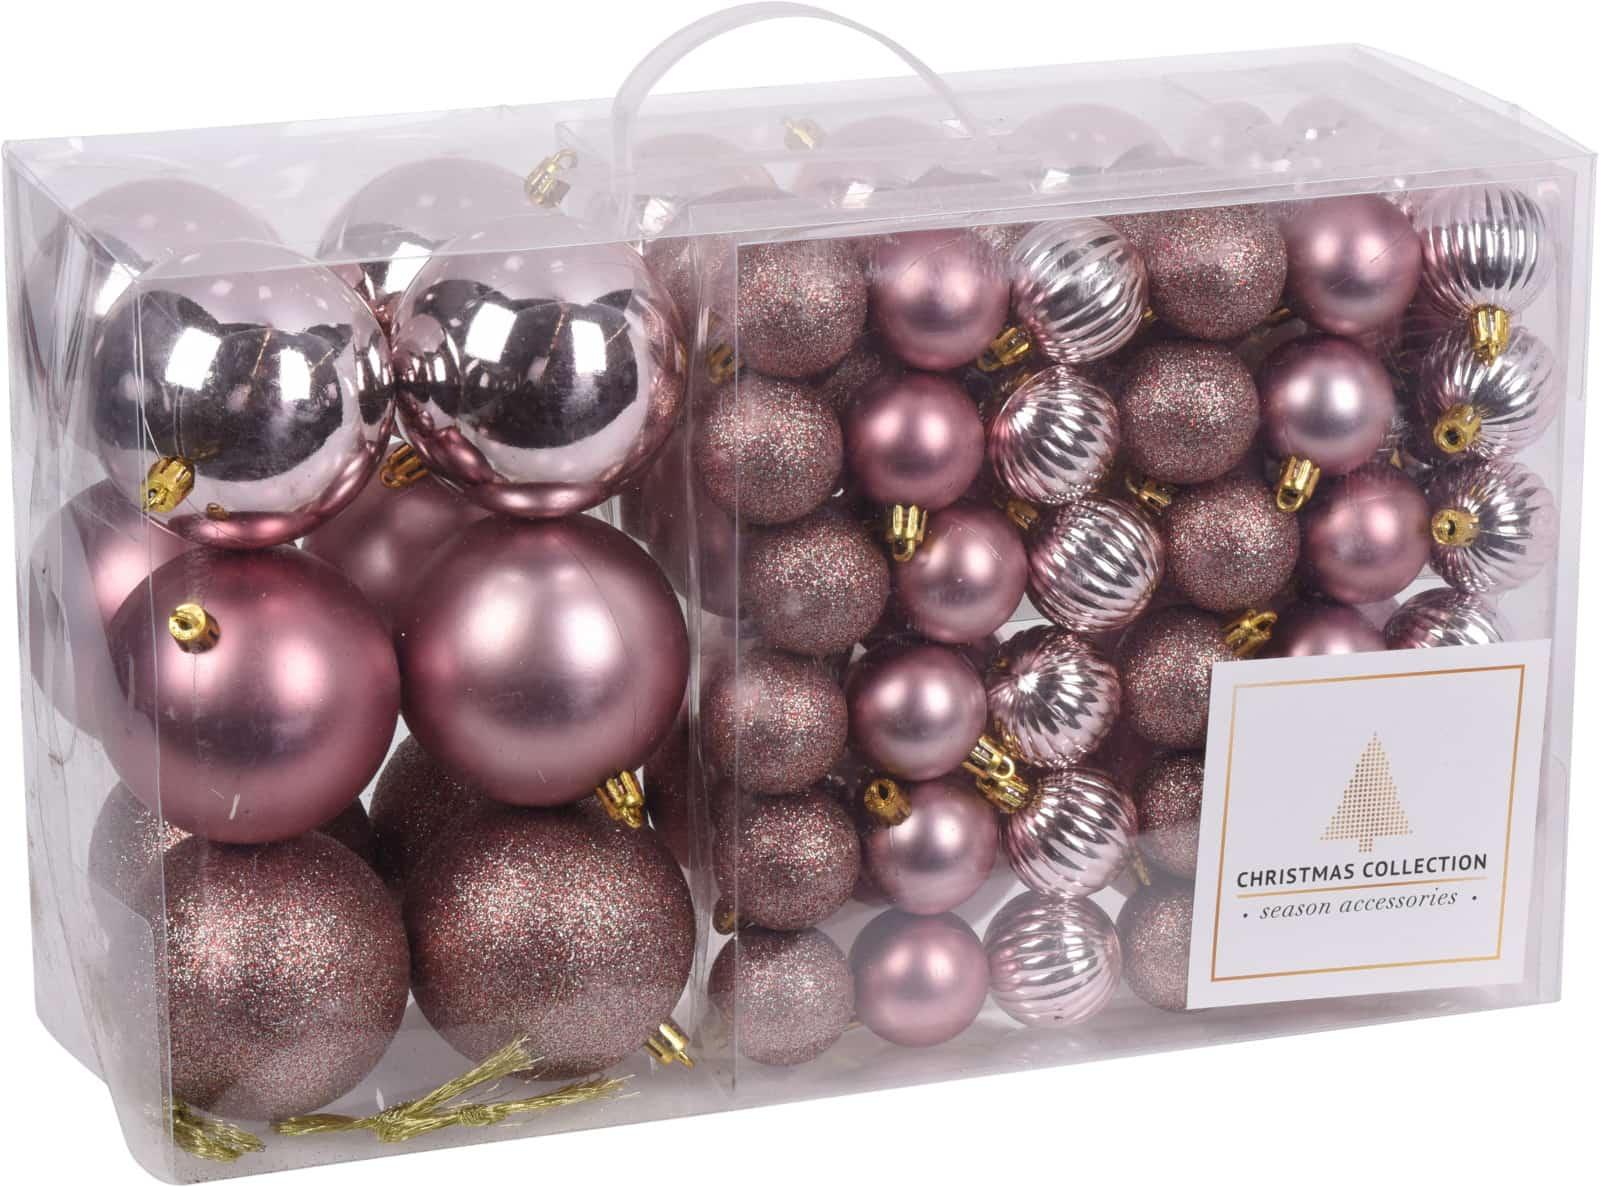 Kunststof Kerstballen set 94 ballen - binnen/buiten gebruik - Roze